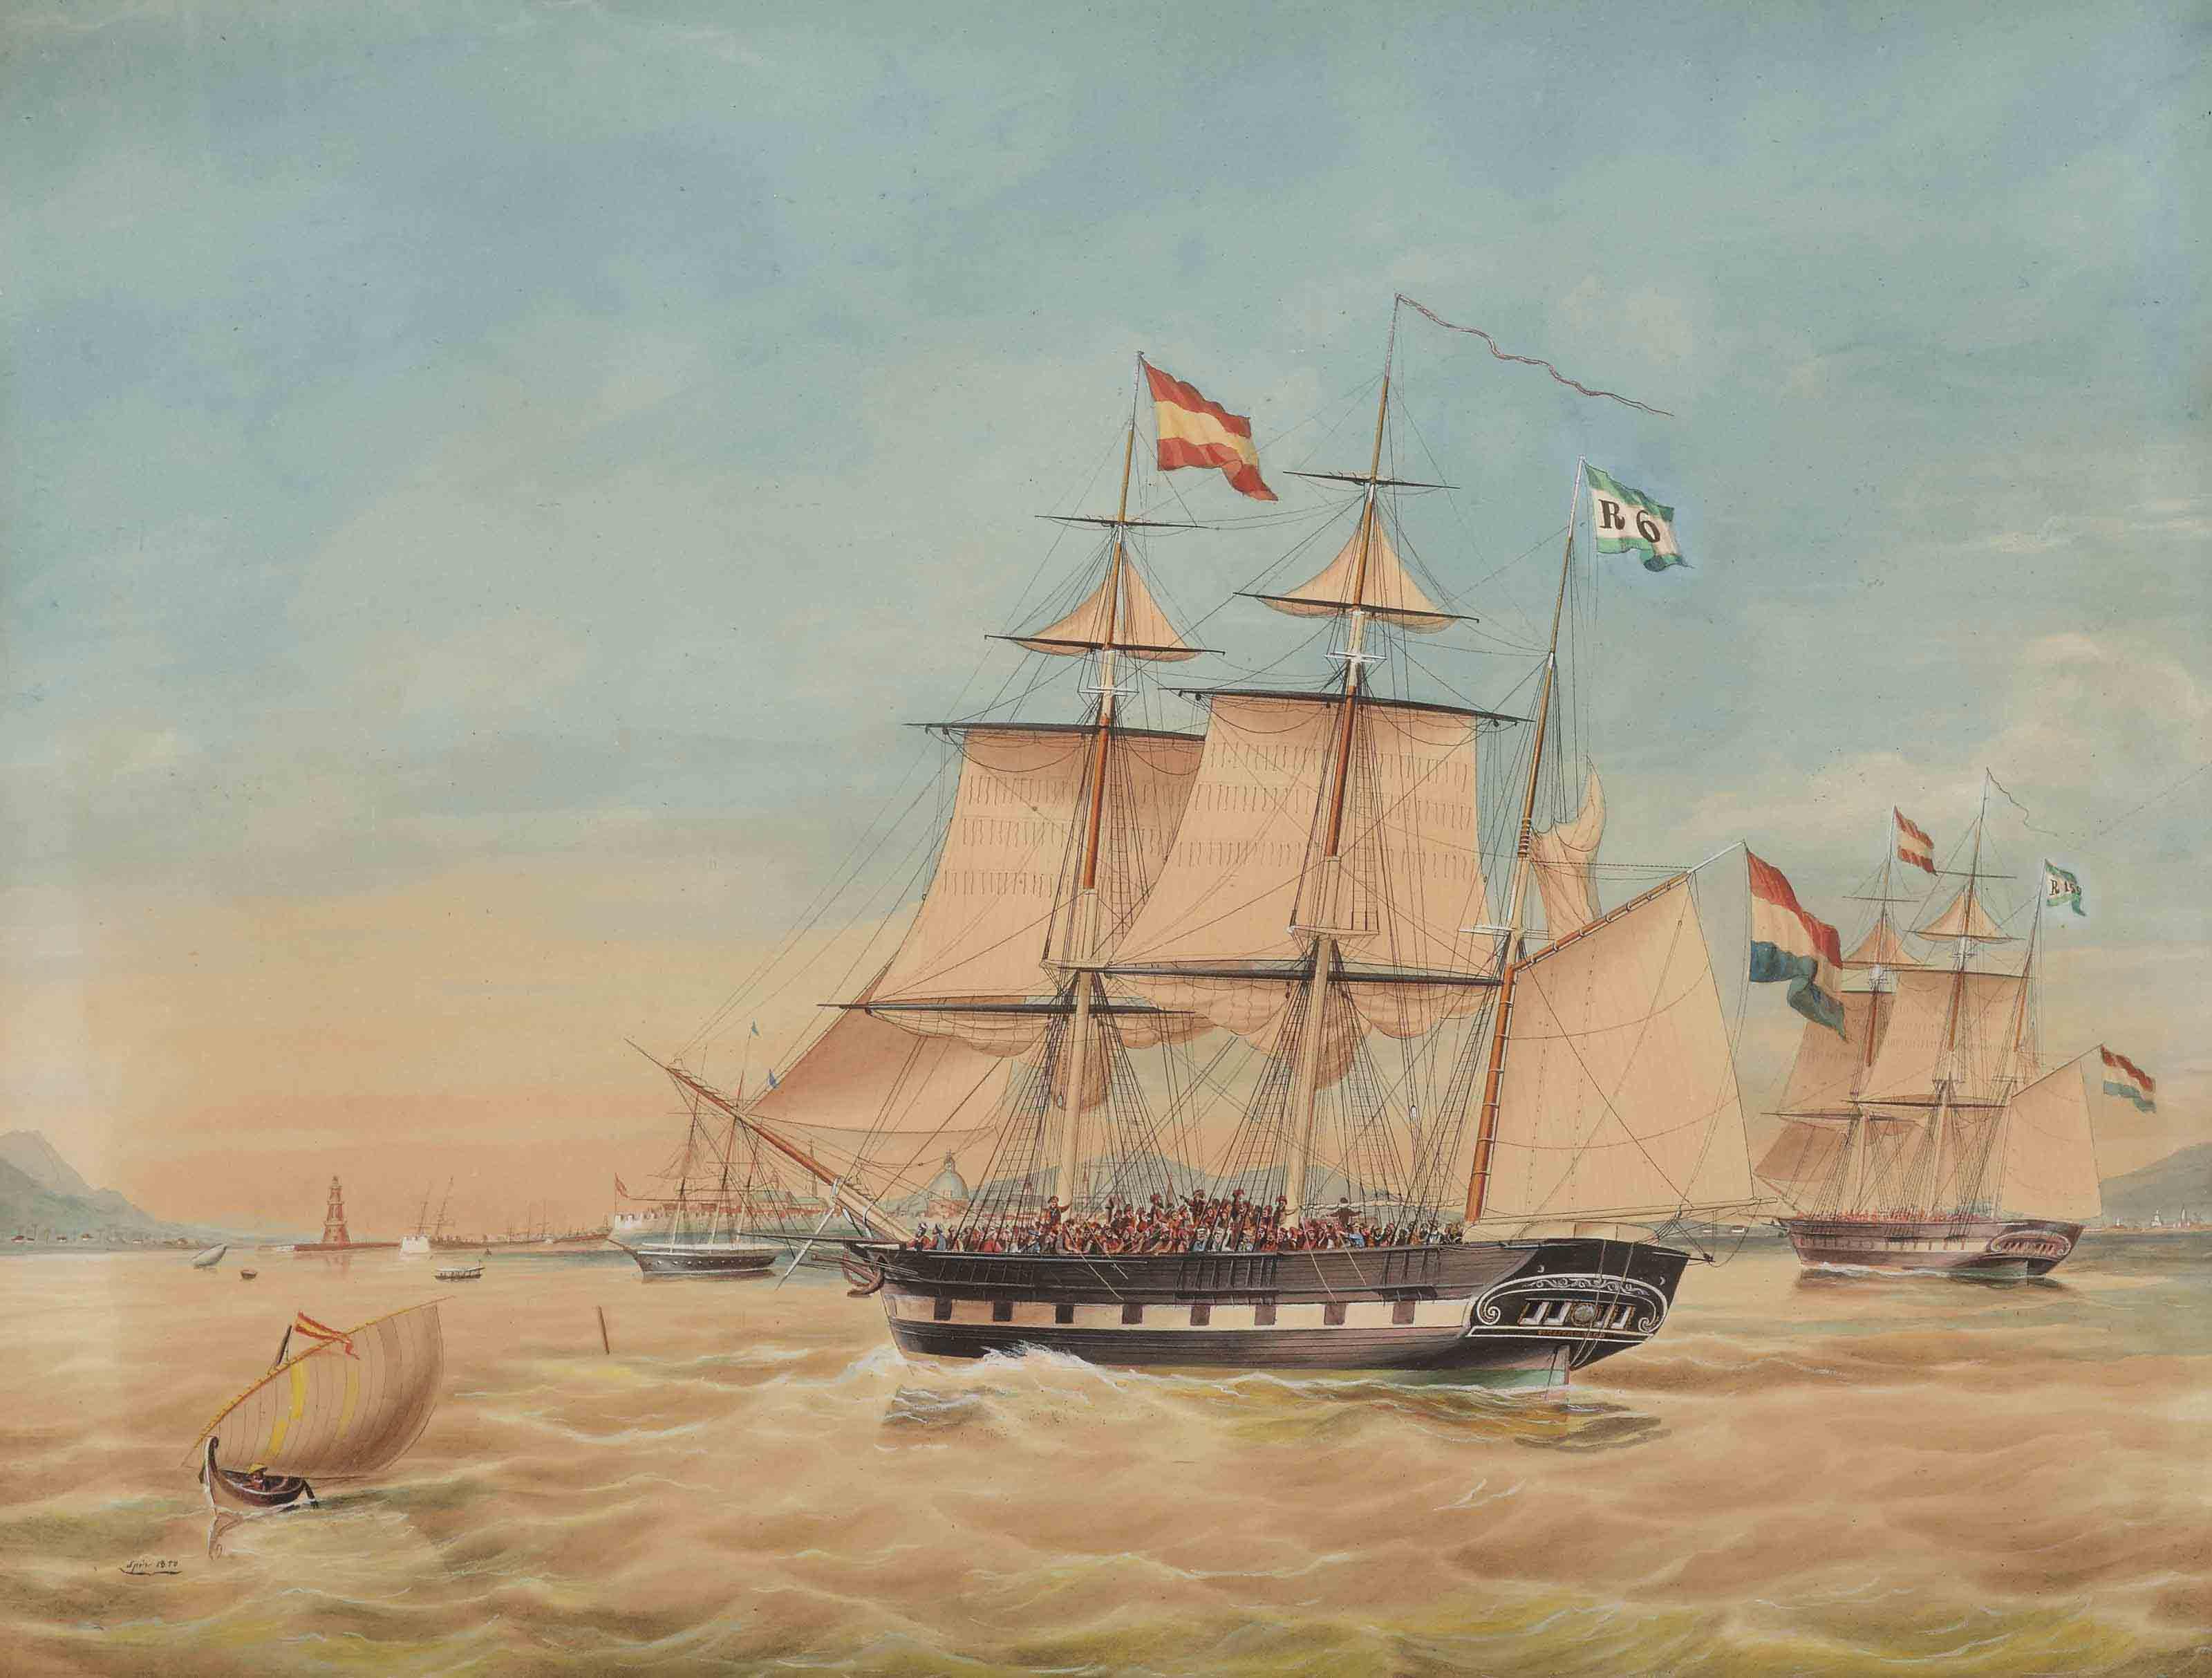 commander P. Wierikx's barque 'Reijerwaard' in the harbor of Manilla